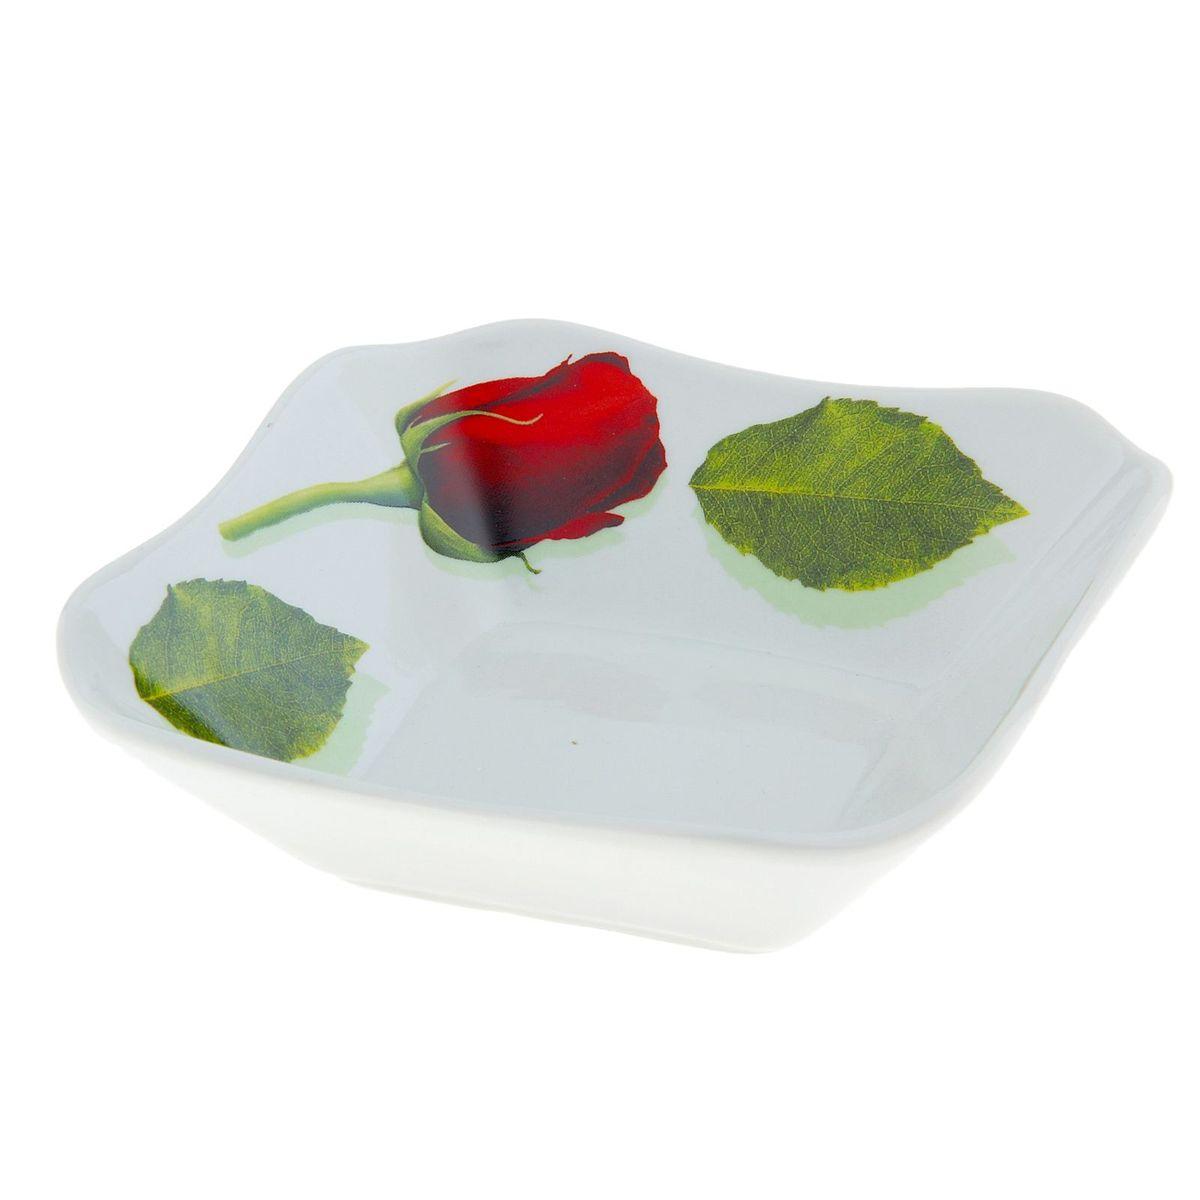 Салатник Королева цветов, 250 мл507862Квадратный салатник Королева цветов, изготовленный из высококачественного фарфора, прекрасно подойдет для подачи различных блюд: закусок, салатов или фруктов. Такой салатник украсит ваш праздничный или обеденный стол, а оригинальное исполнение понравится любой хозяйке.